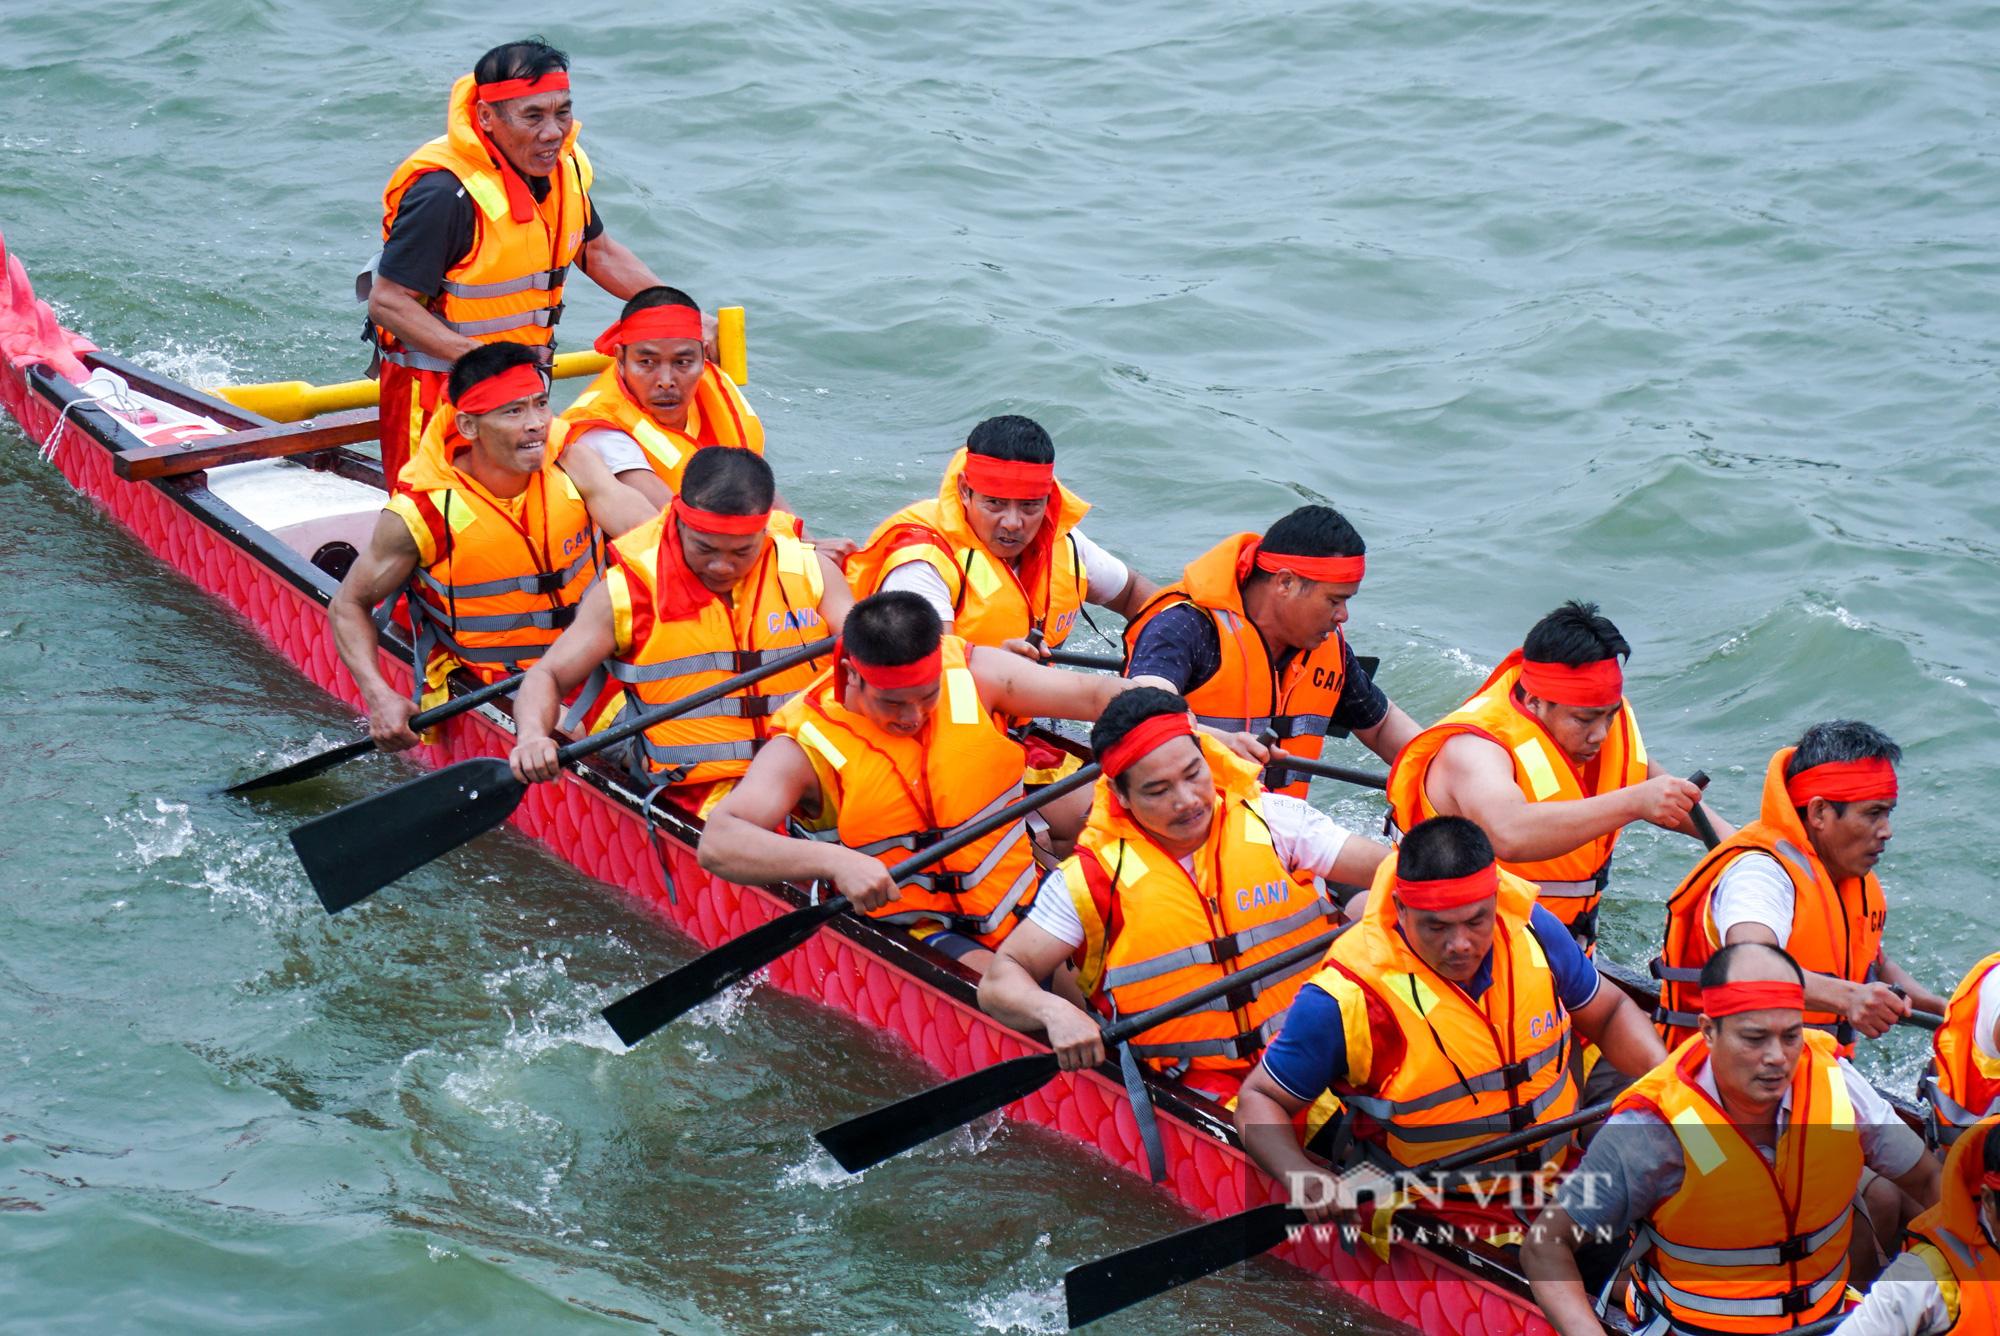 Phú Thọ: Kịch tính giải đua bơi chải chào mừng ngày giỗ Tổ Hùng Vương - Ảnh 8.